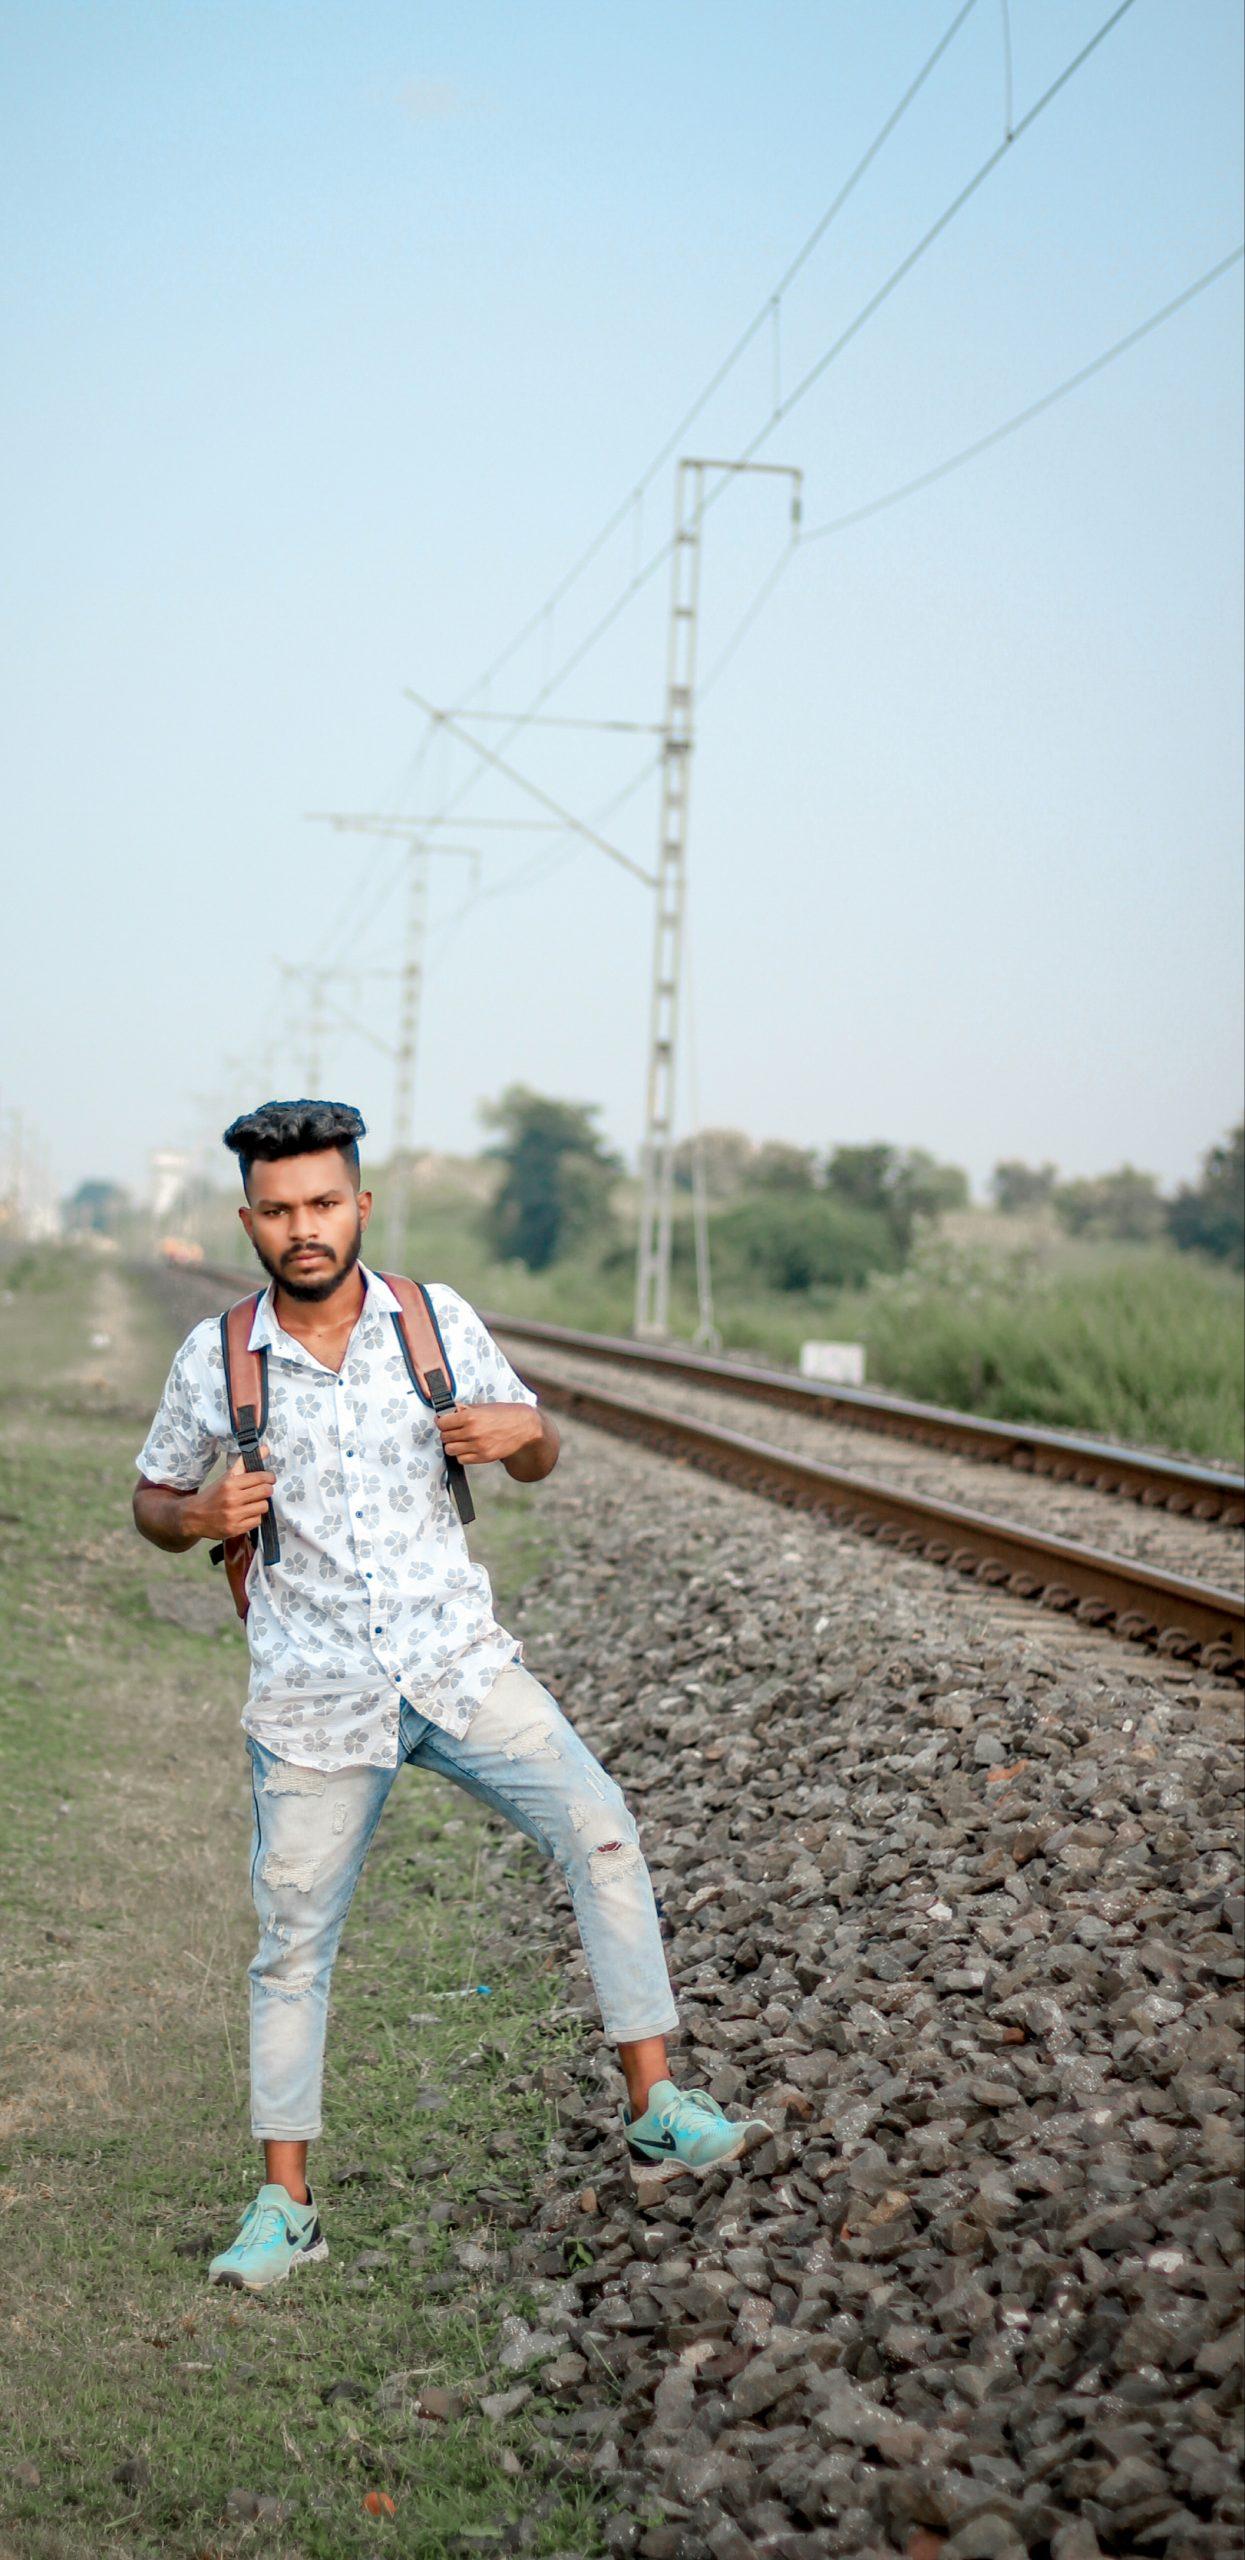 Boy posing near railway track